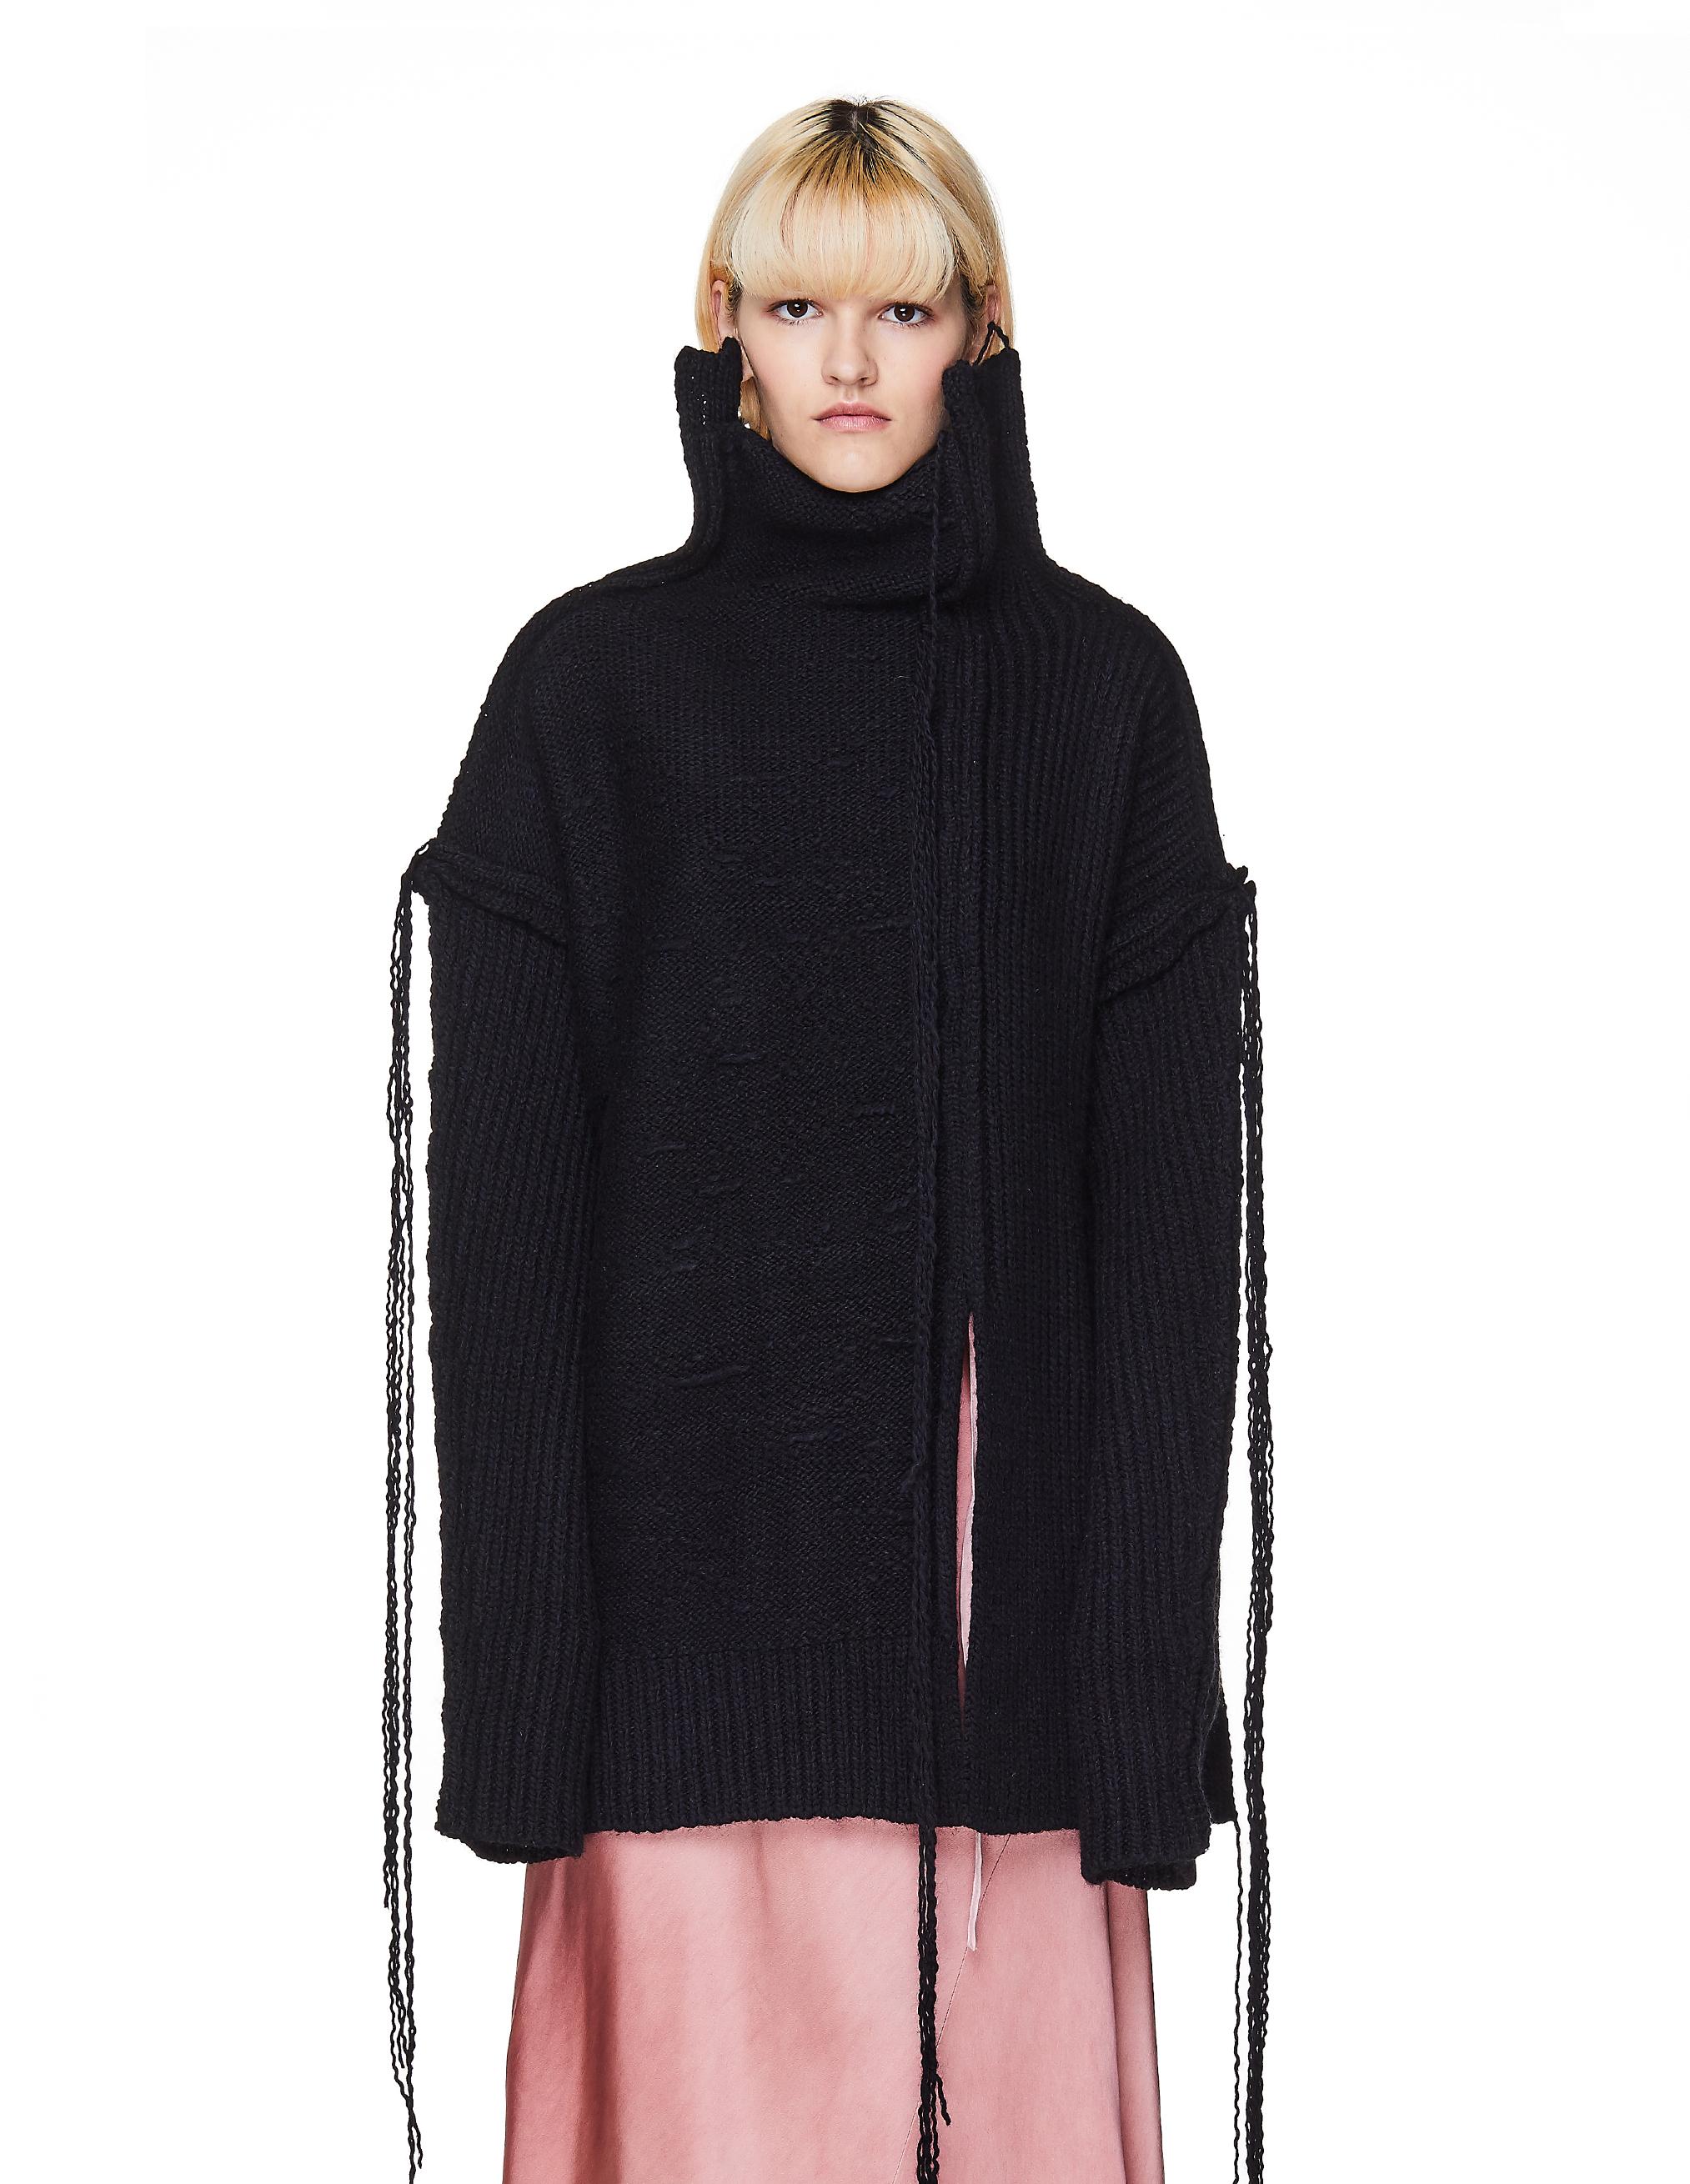 Купить Черный свитер комбинированной вязки - Yohji Yamamoto FC-K14-183-2 за 100100р. с доставкой на сайте ProKedi.ru